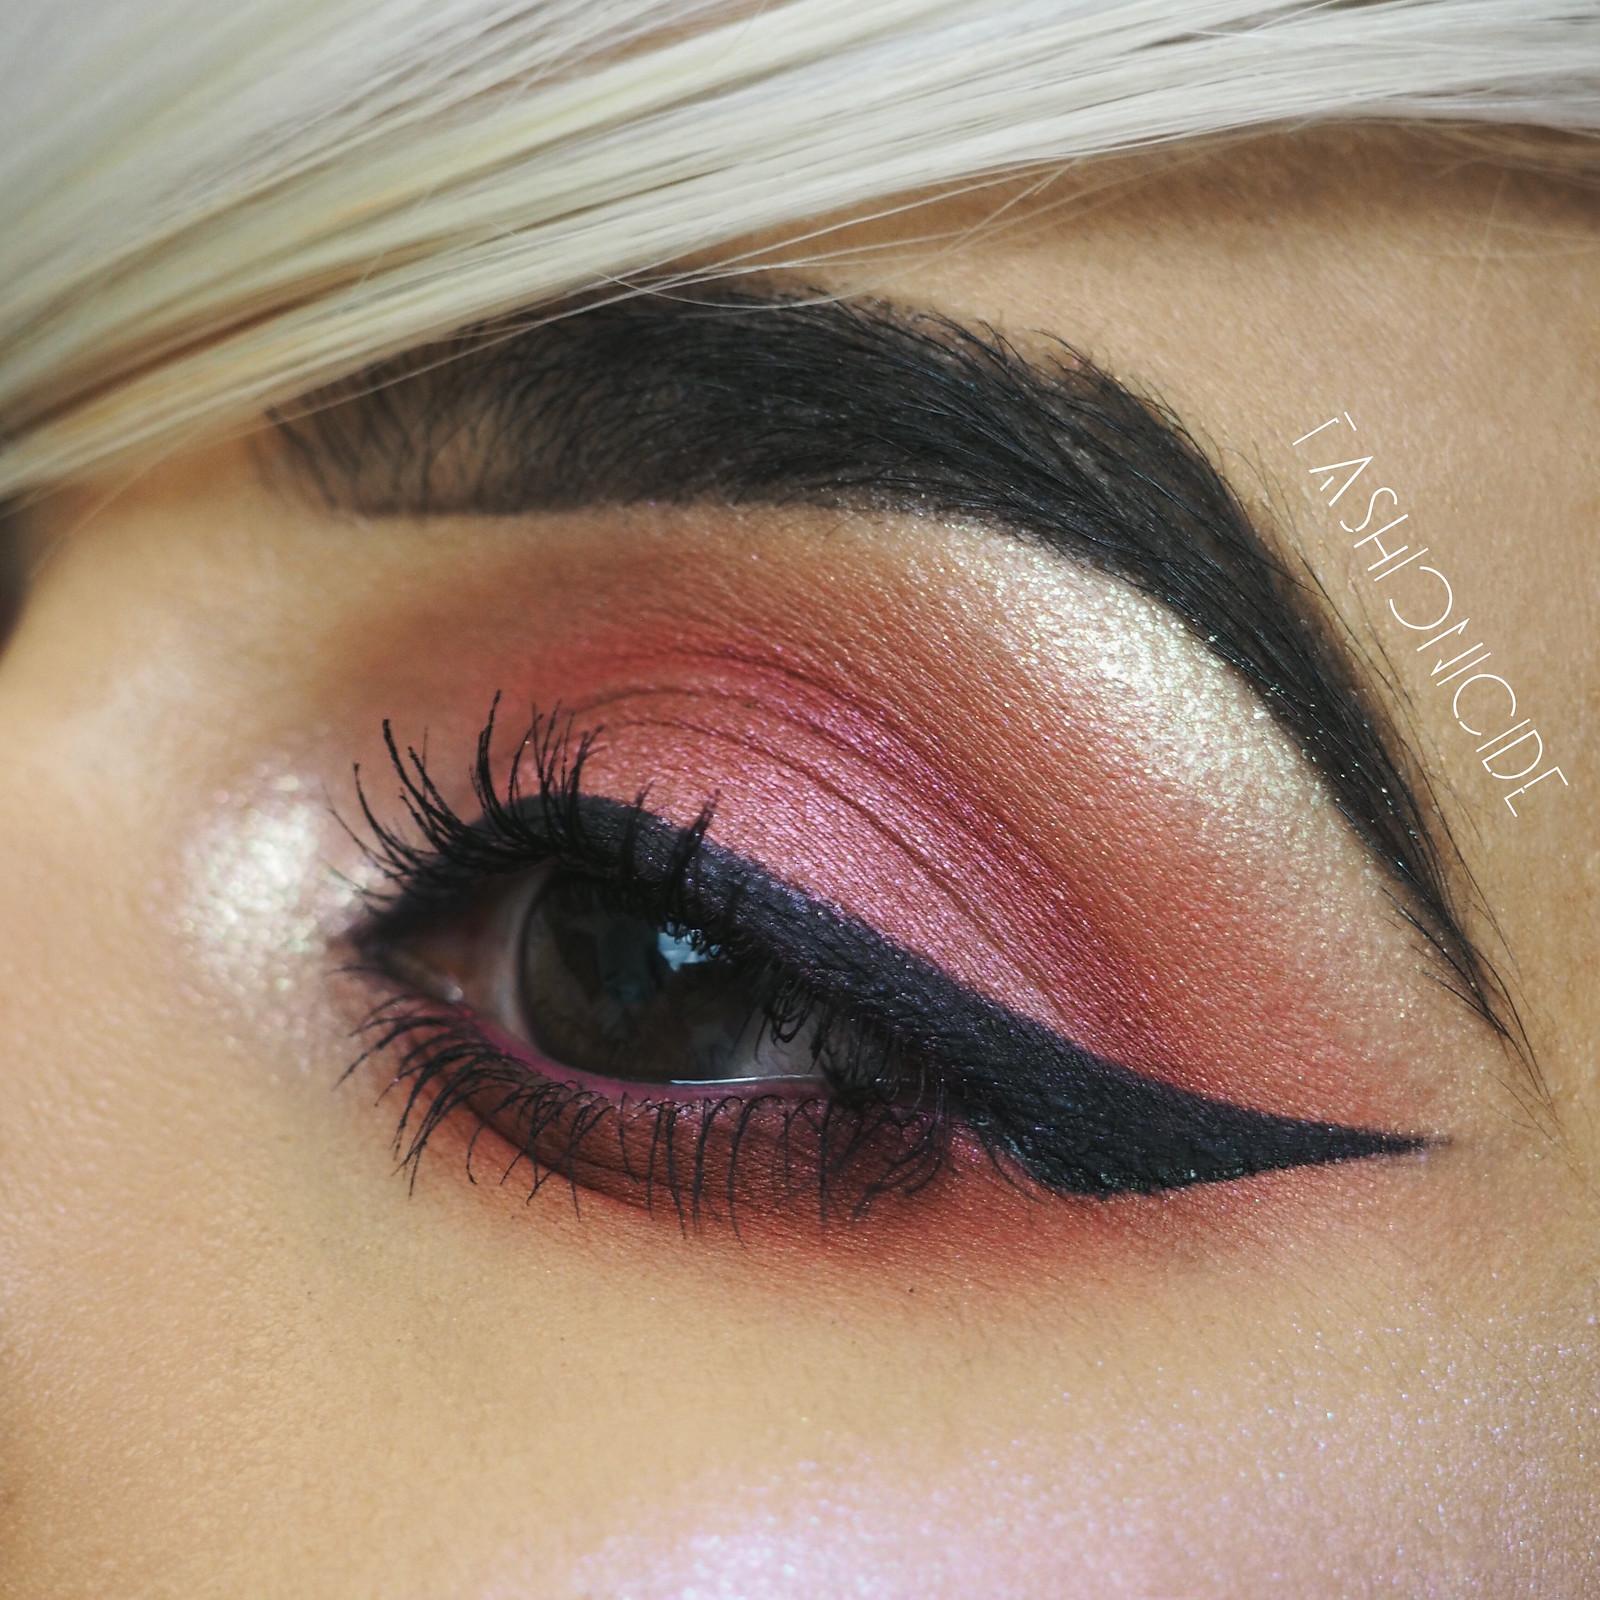 KIKO-Smart-Colour-Eyeshadow-Burgundy-Metallic-Red-Eye-Makeup-Look